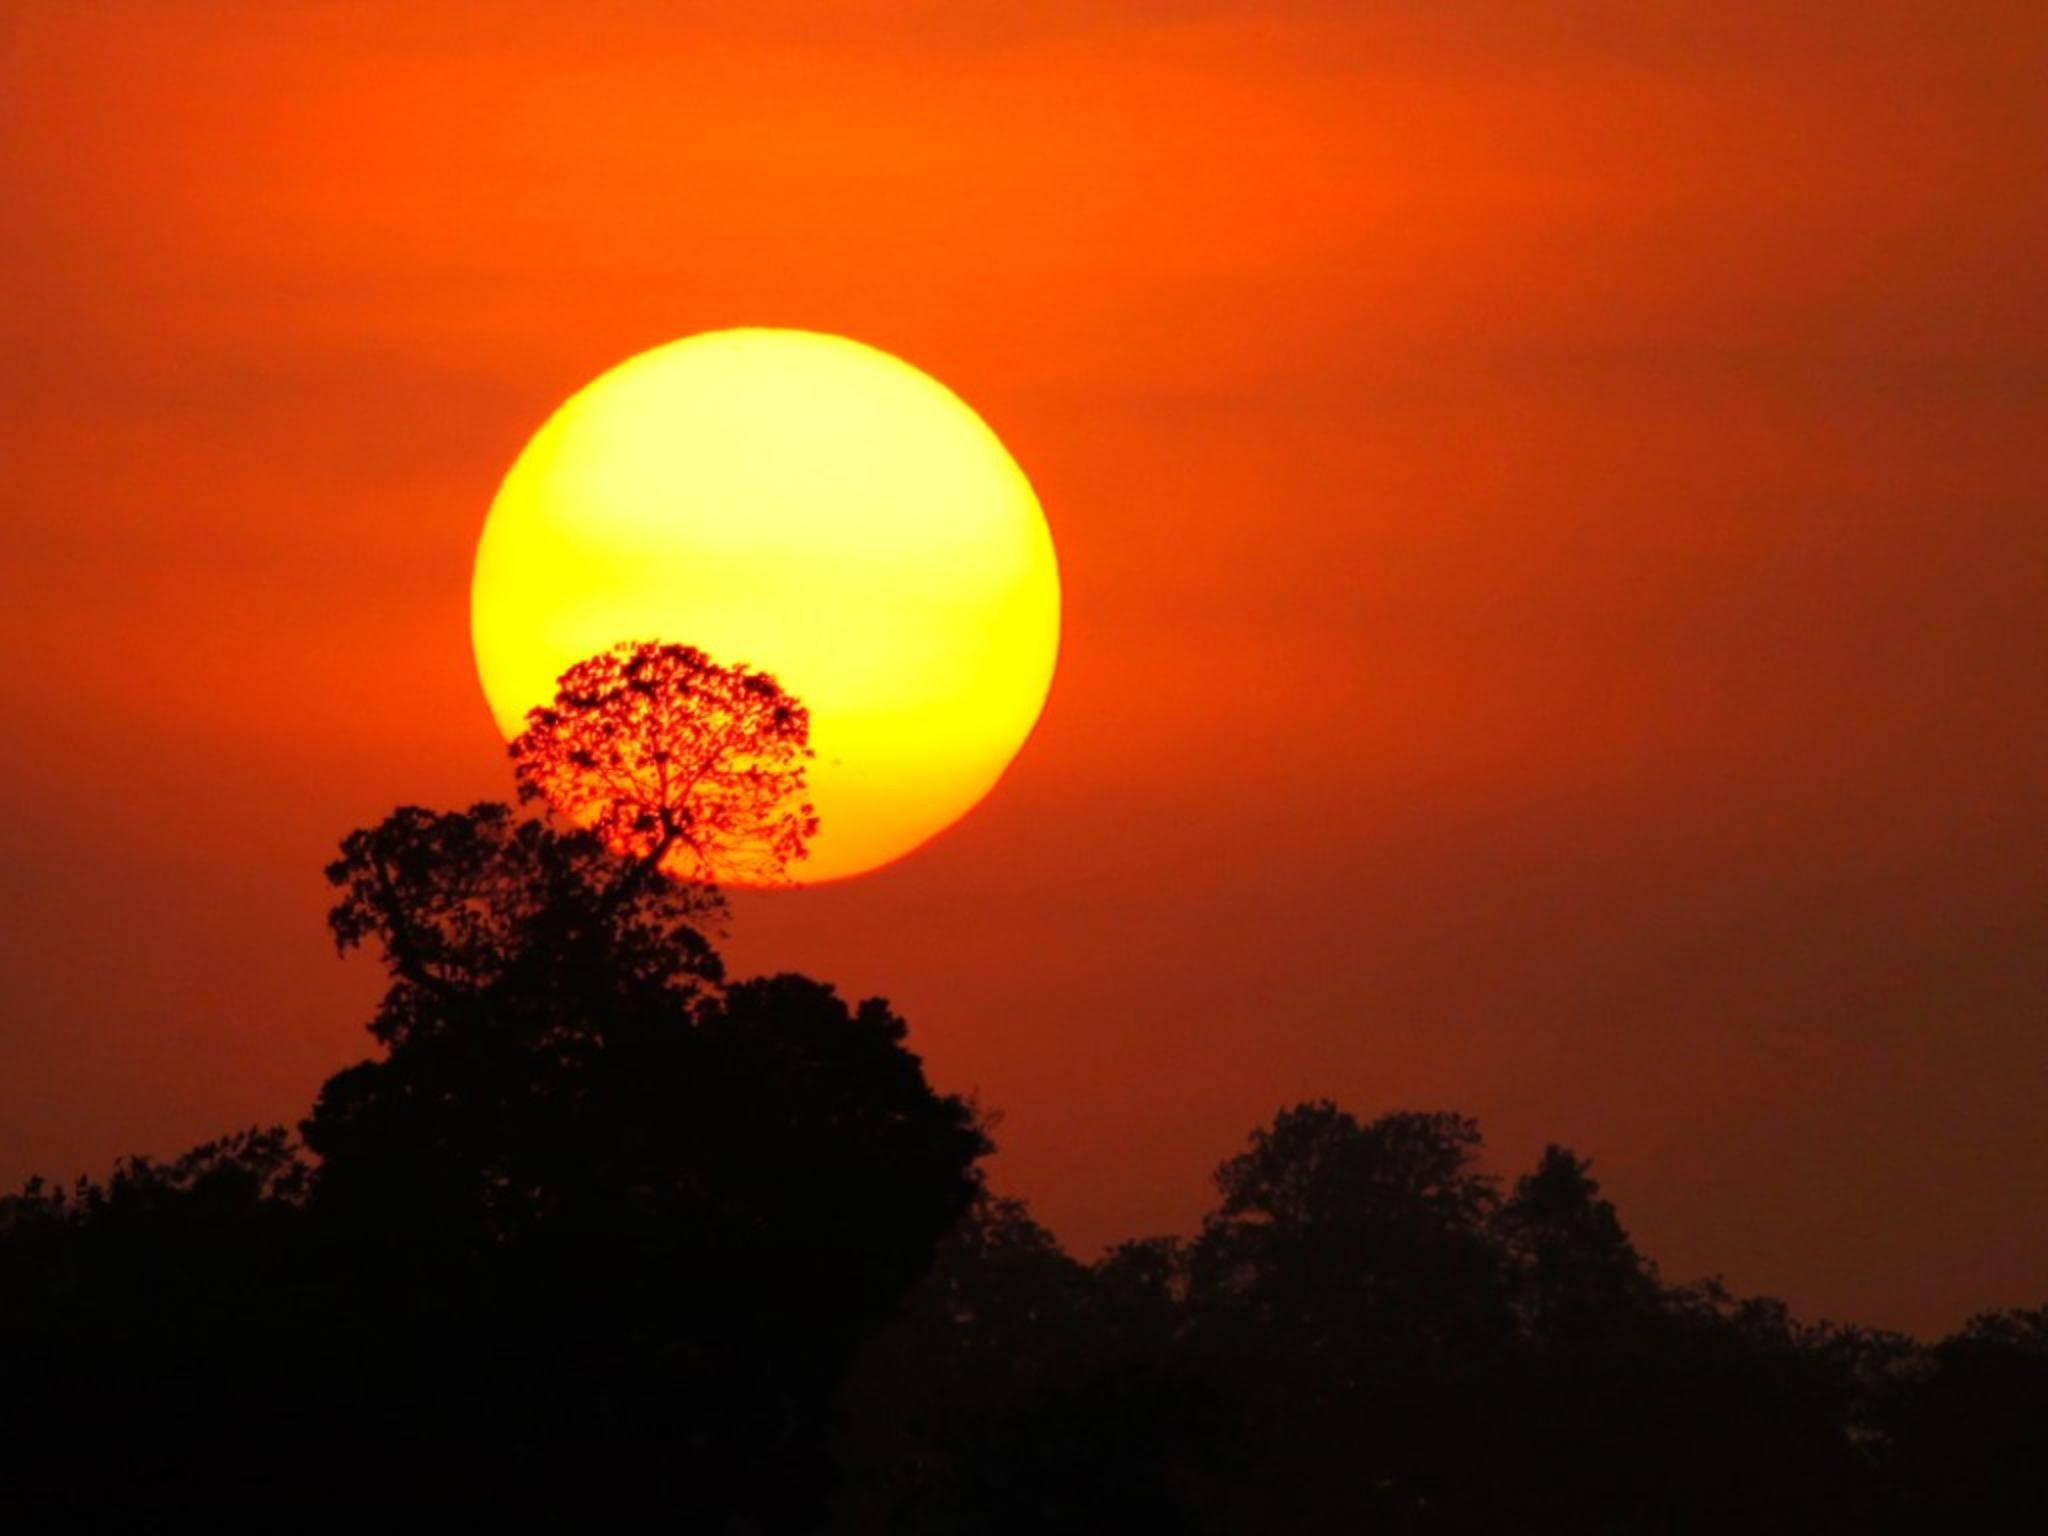 Ein schönes Foto vom Sonnenuntergang sorgt für Urlaubsstimmung.